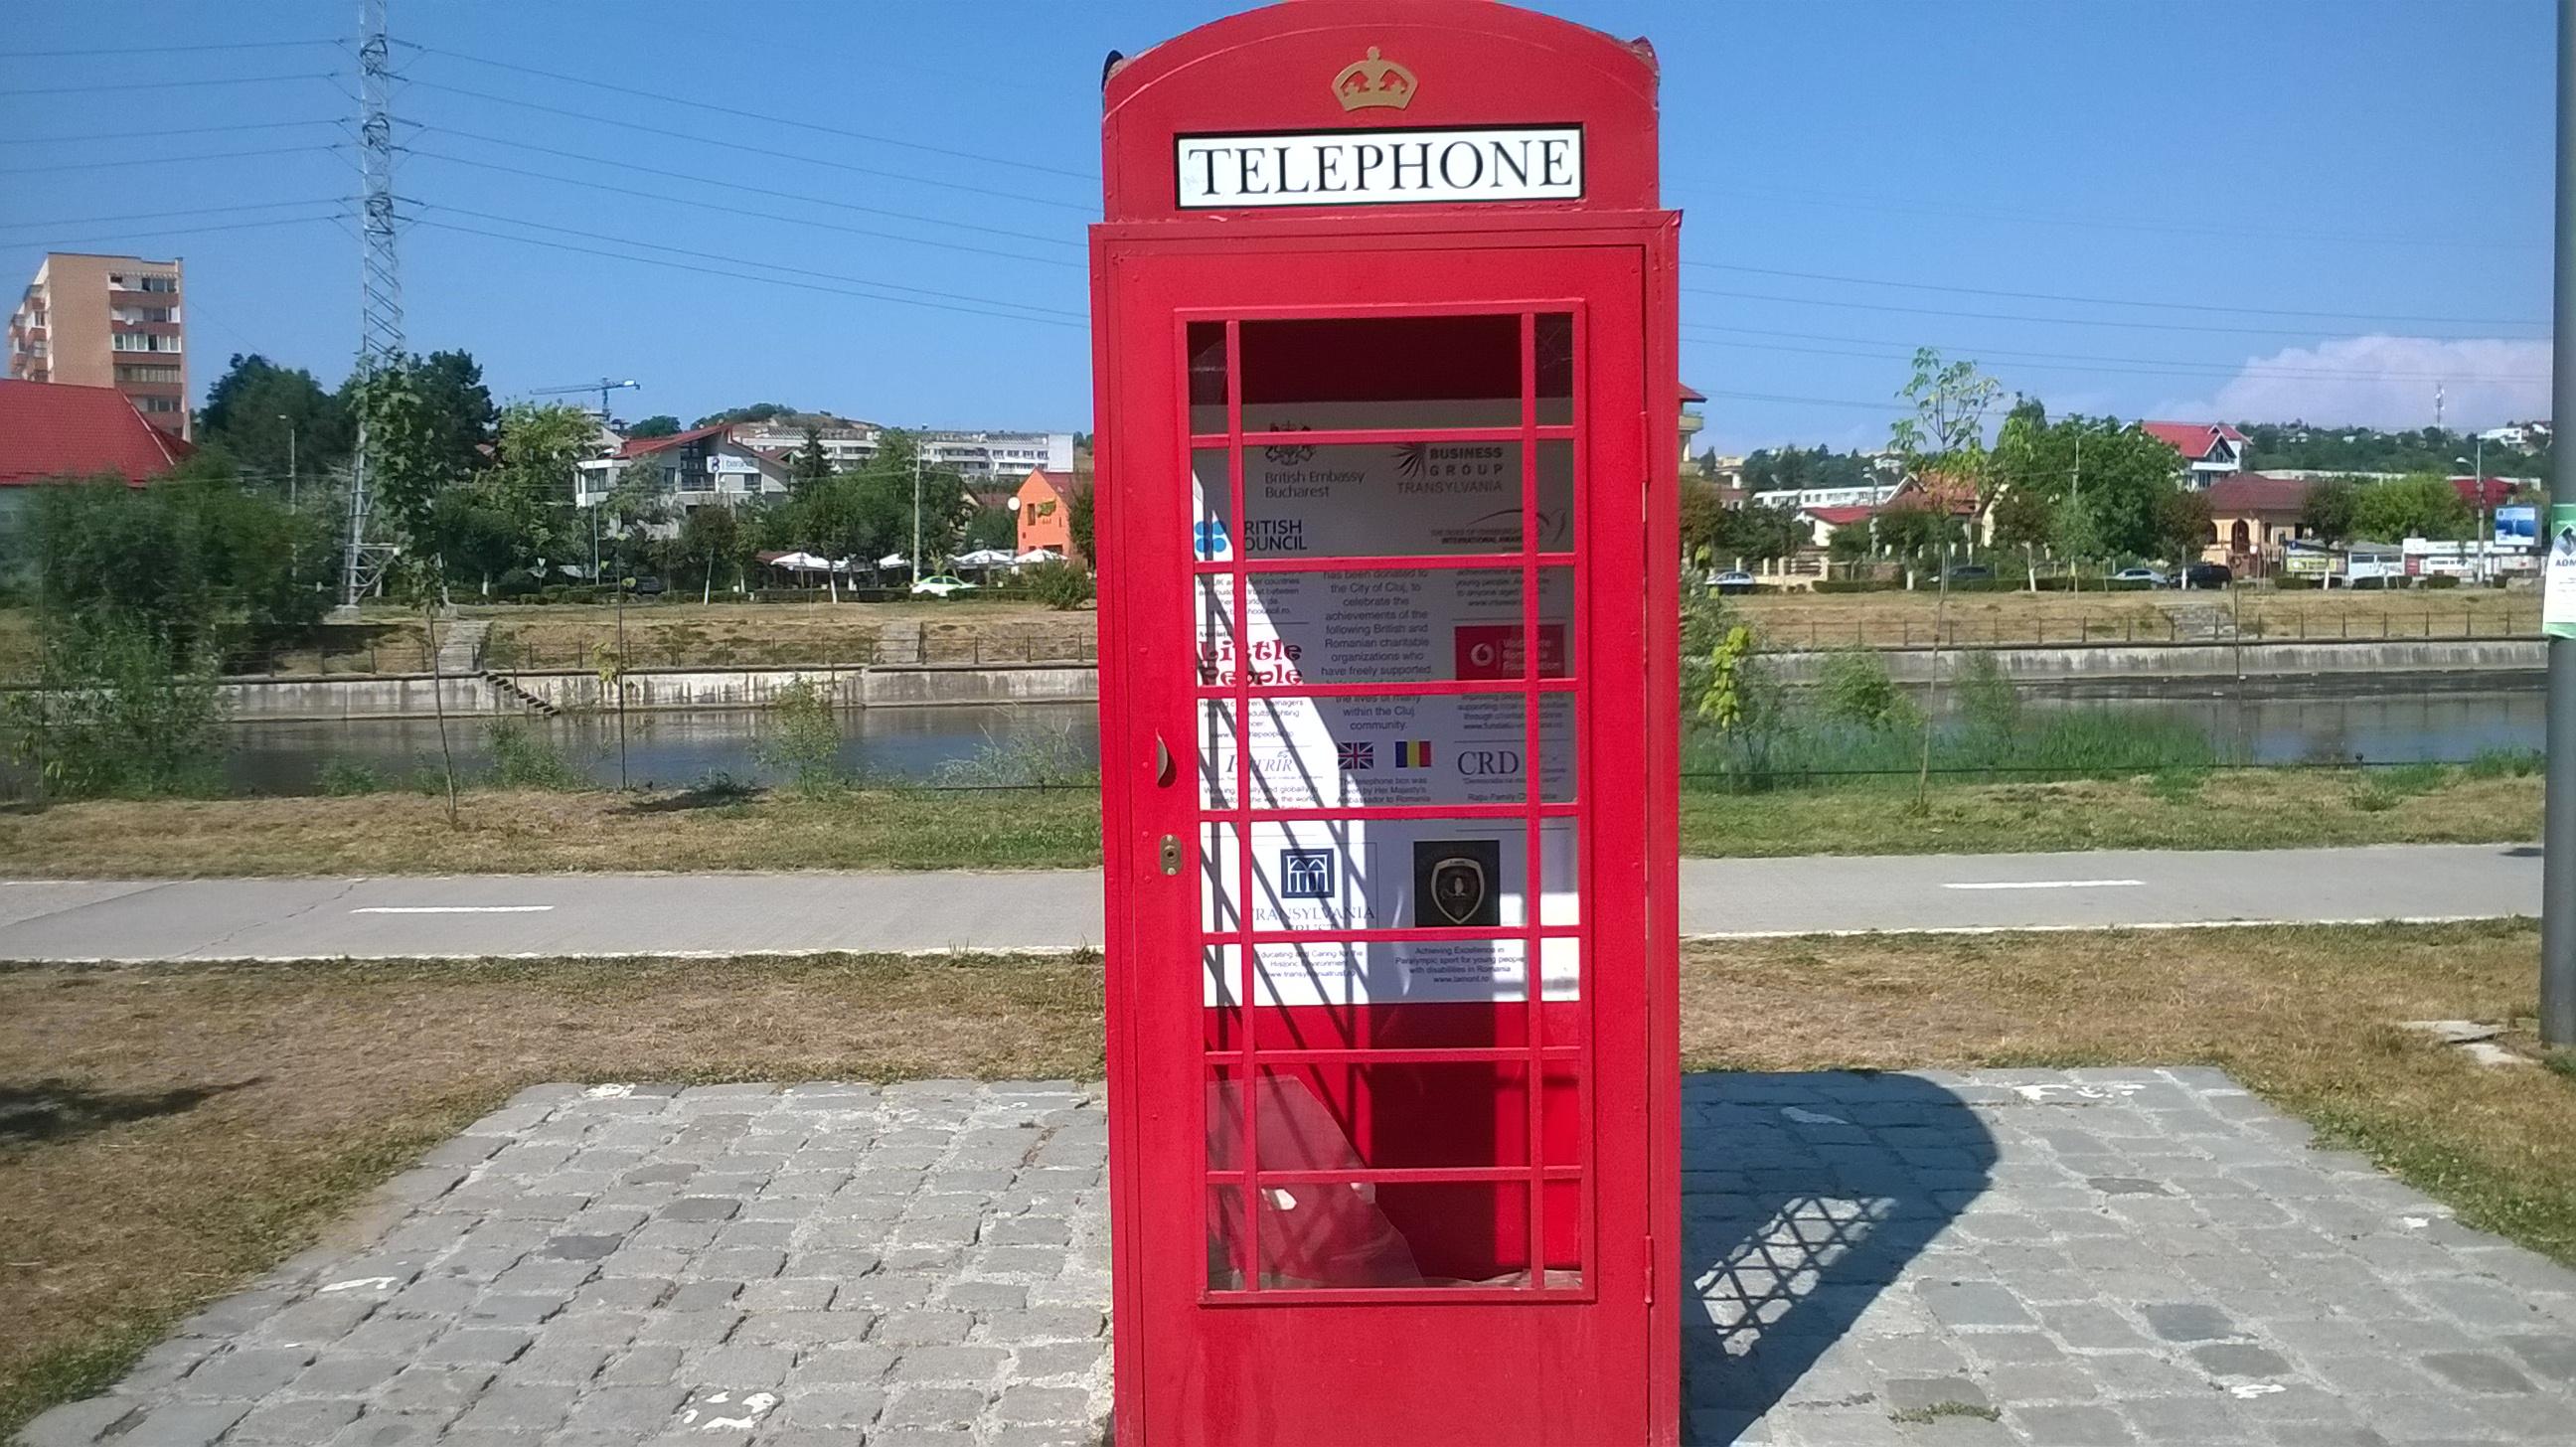 cabinatelefonicalondoneza vandalizata cluj (1)